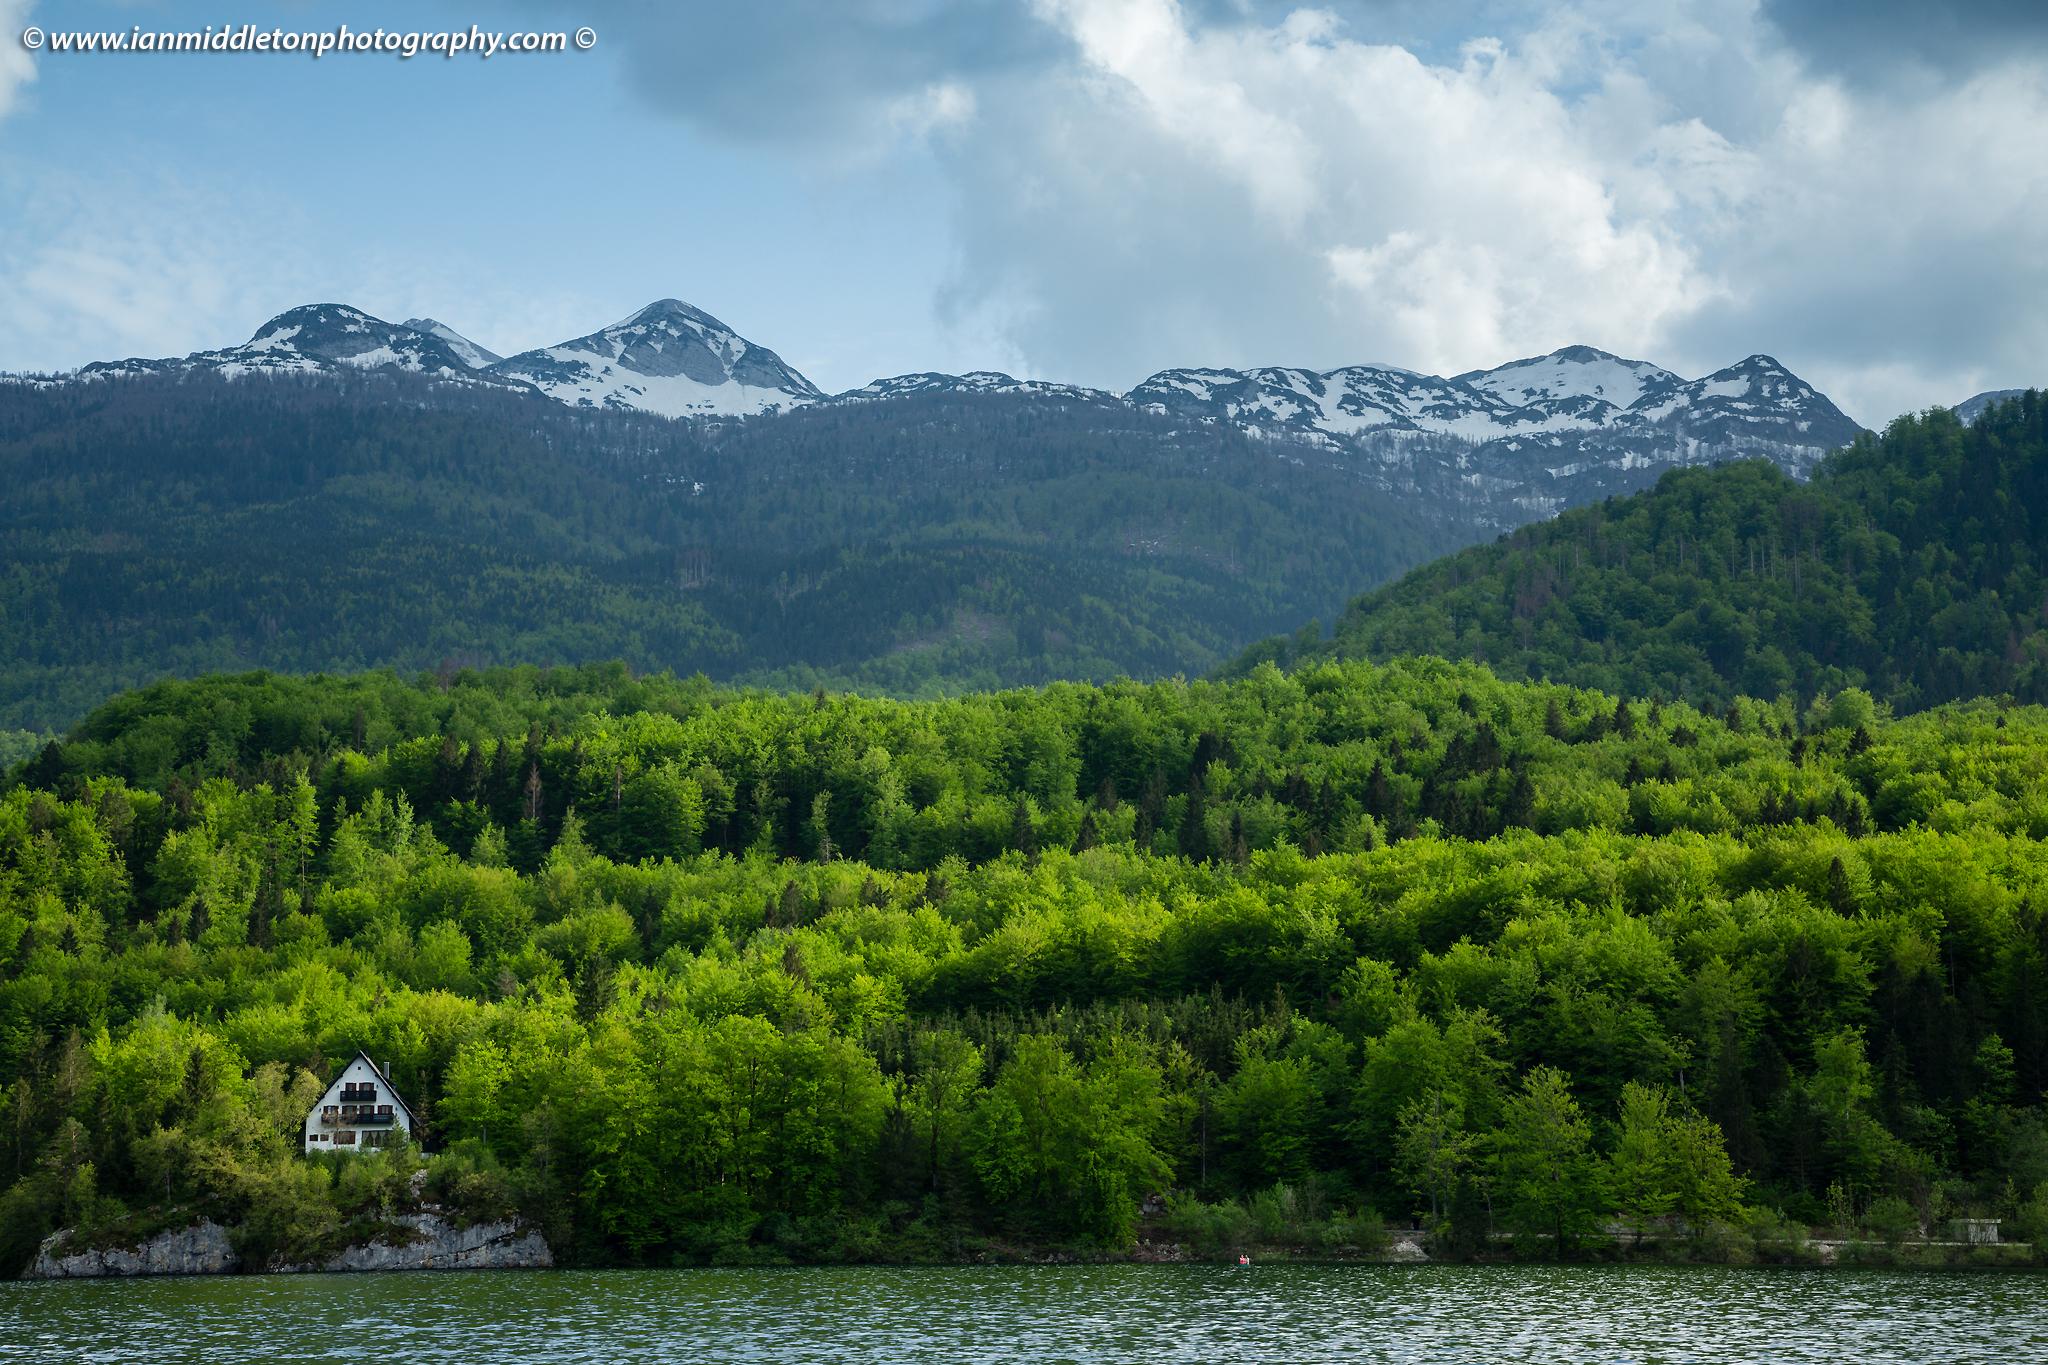 Late Spring greens at Lake Bohinj, Triglav National Park, Slovenia. View across the lake to POČITNIŠKI DOM NA SKALCI, MNZ - Ministrstvo za notranje zadeve RS